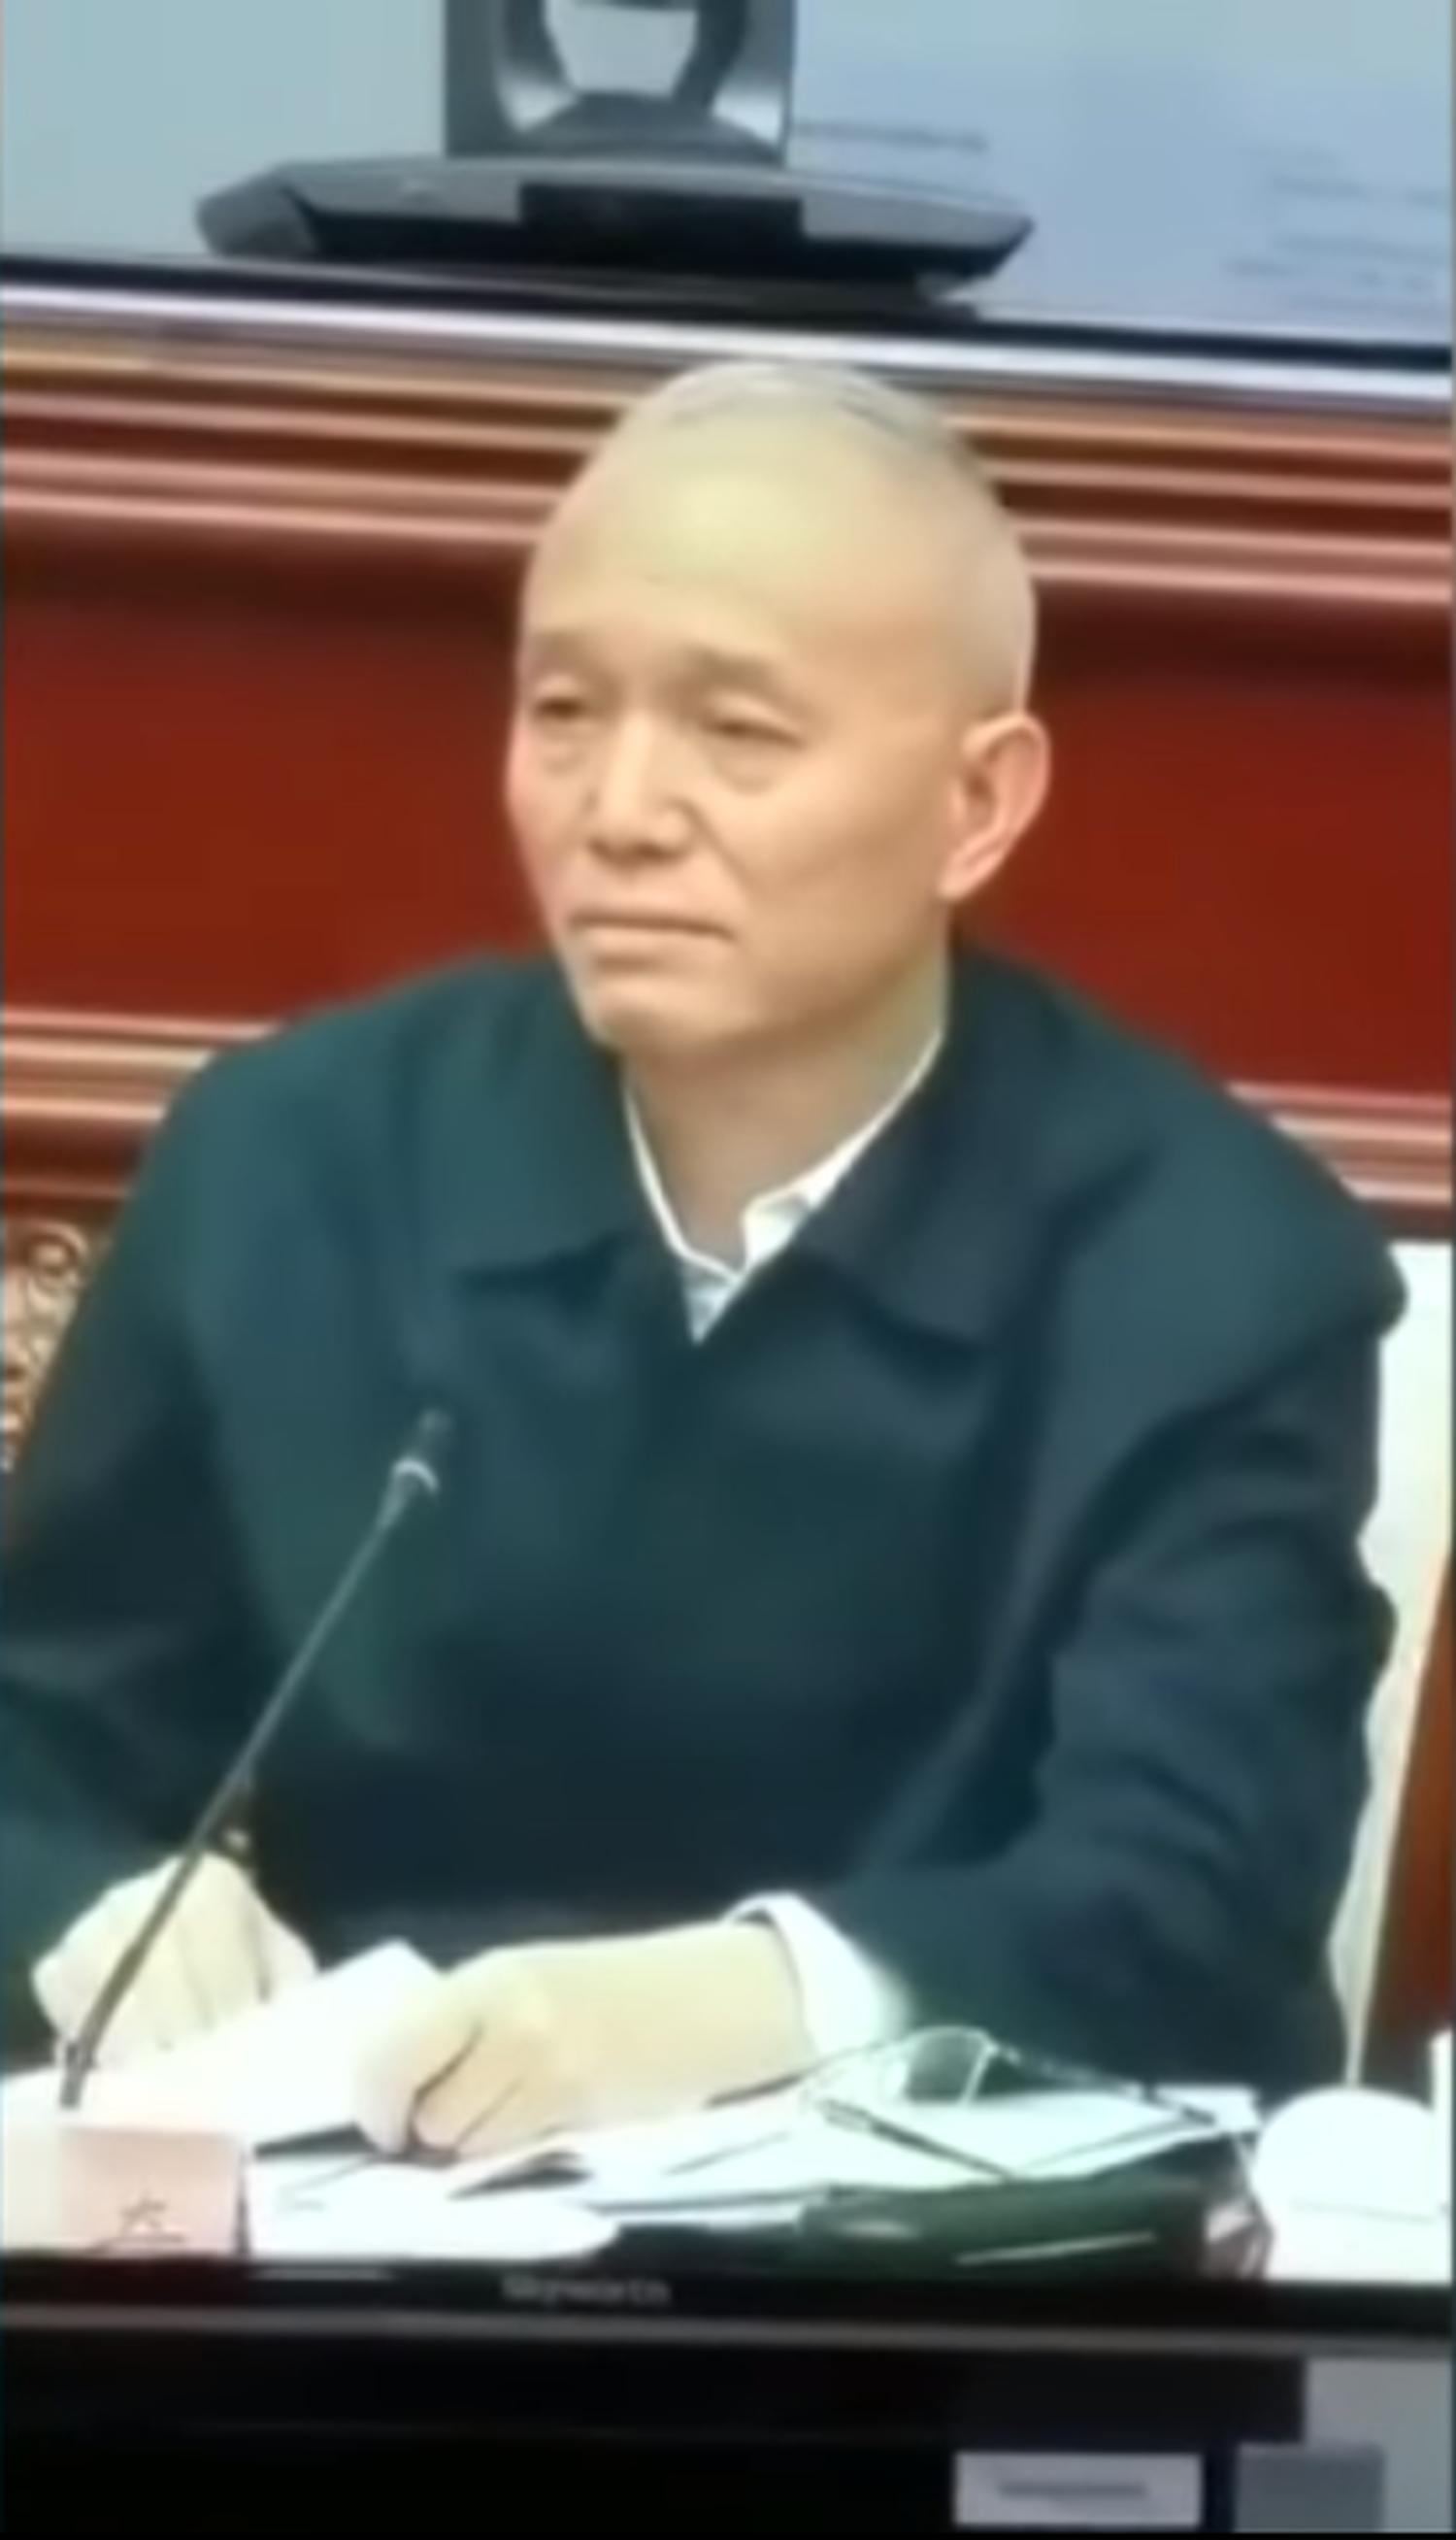 蔡奇在一場內部會議上措辭嚴厲,要求下屬敢於硬碰硬。(視頻截圖)